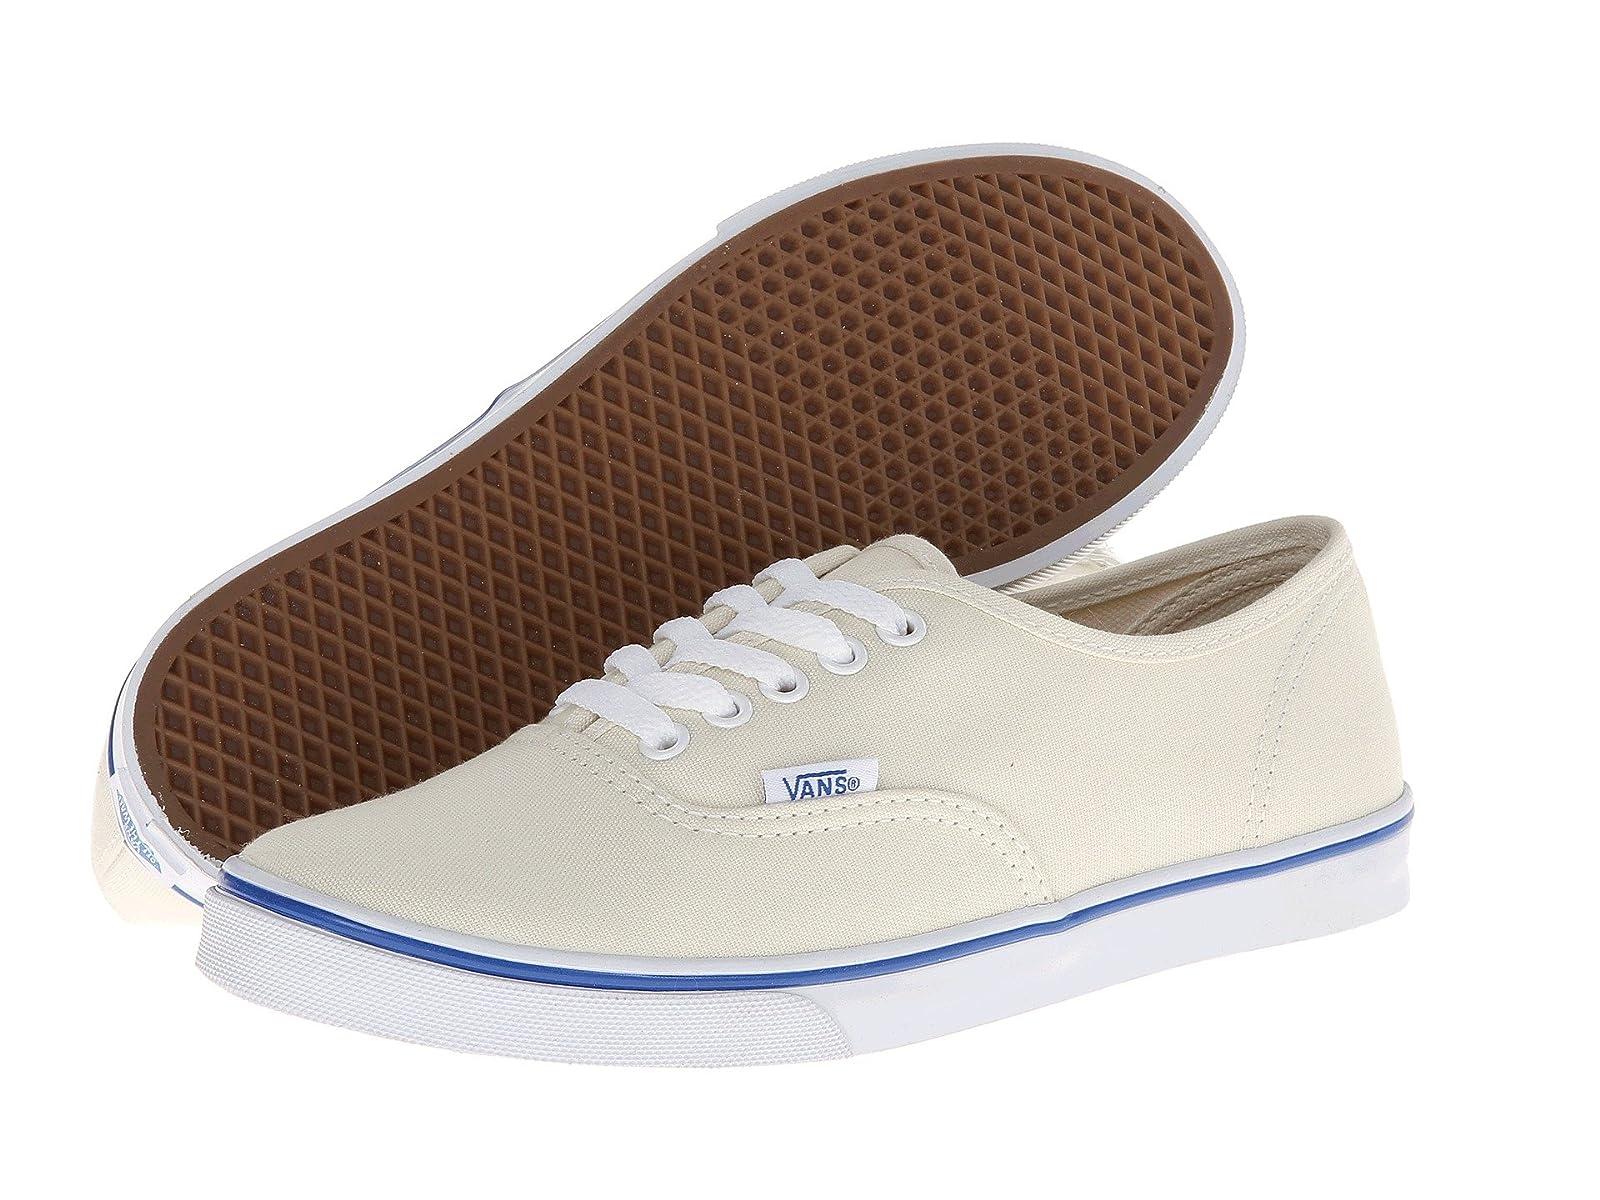 Vans Authentic™ Lo ProAtmospheric grades have affordable shoes